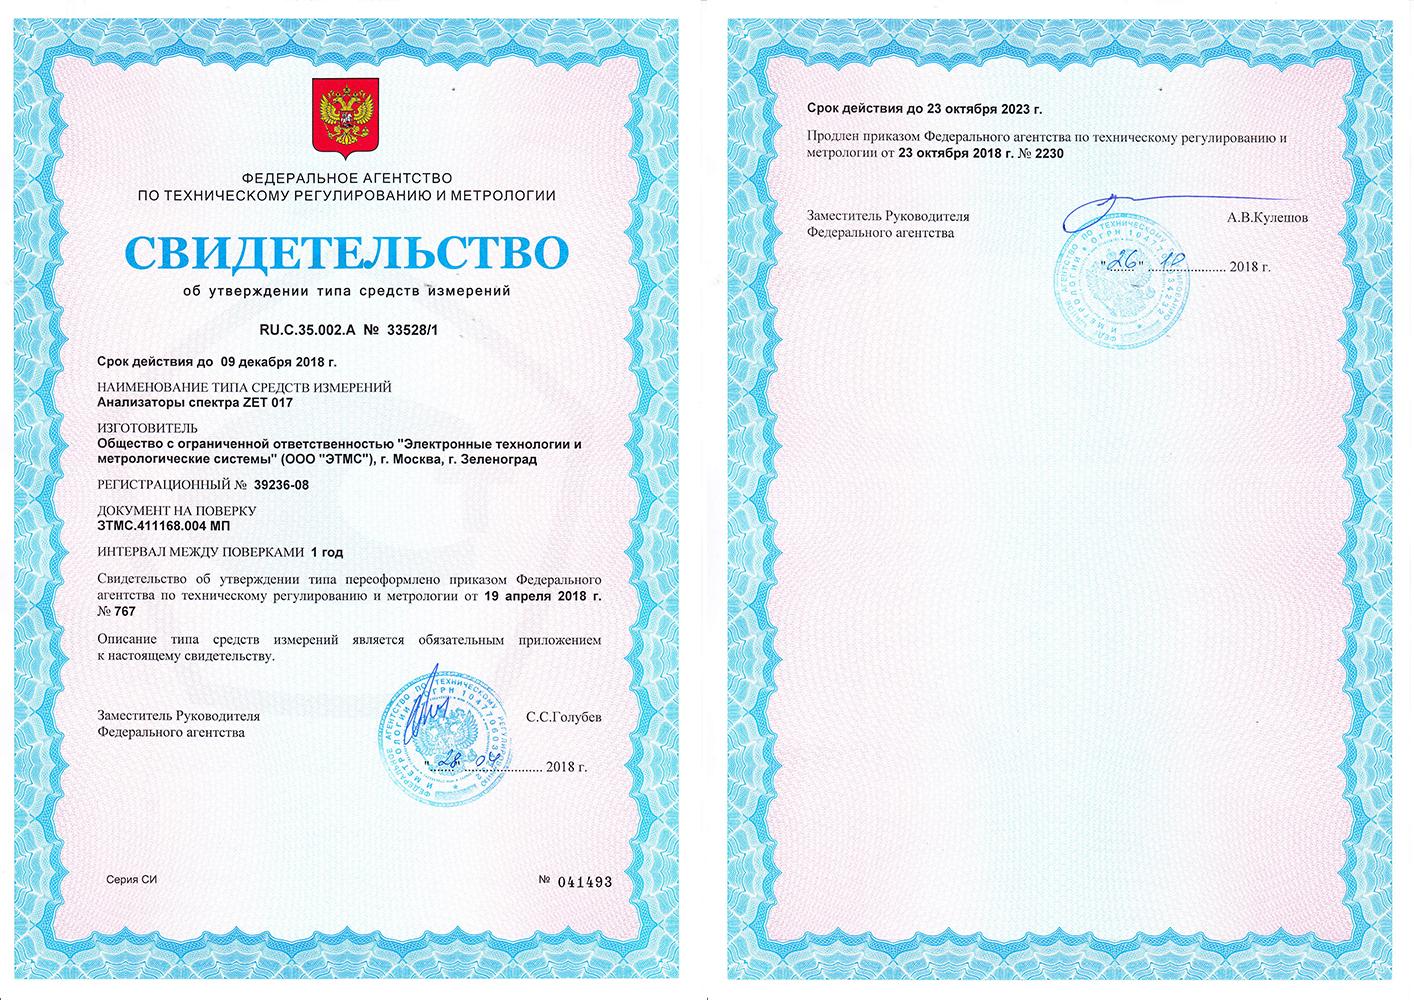 Svidetelstvo-do-2023-goda-Analizatoryi-spektra-ZET-017